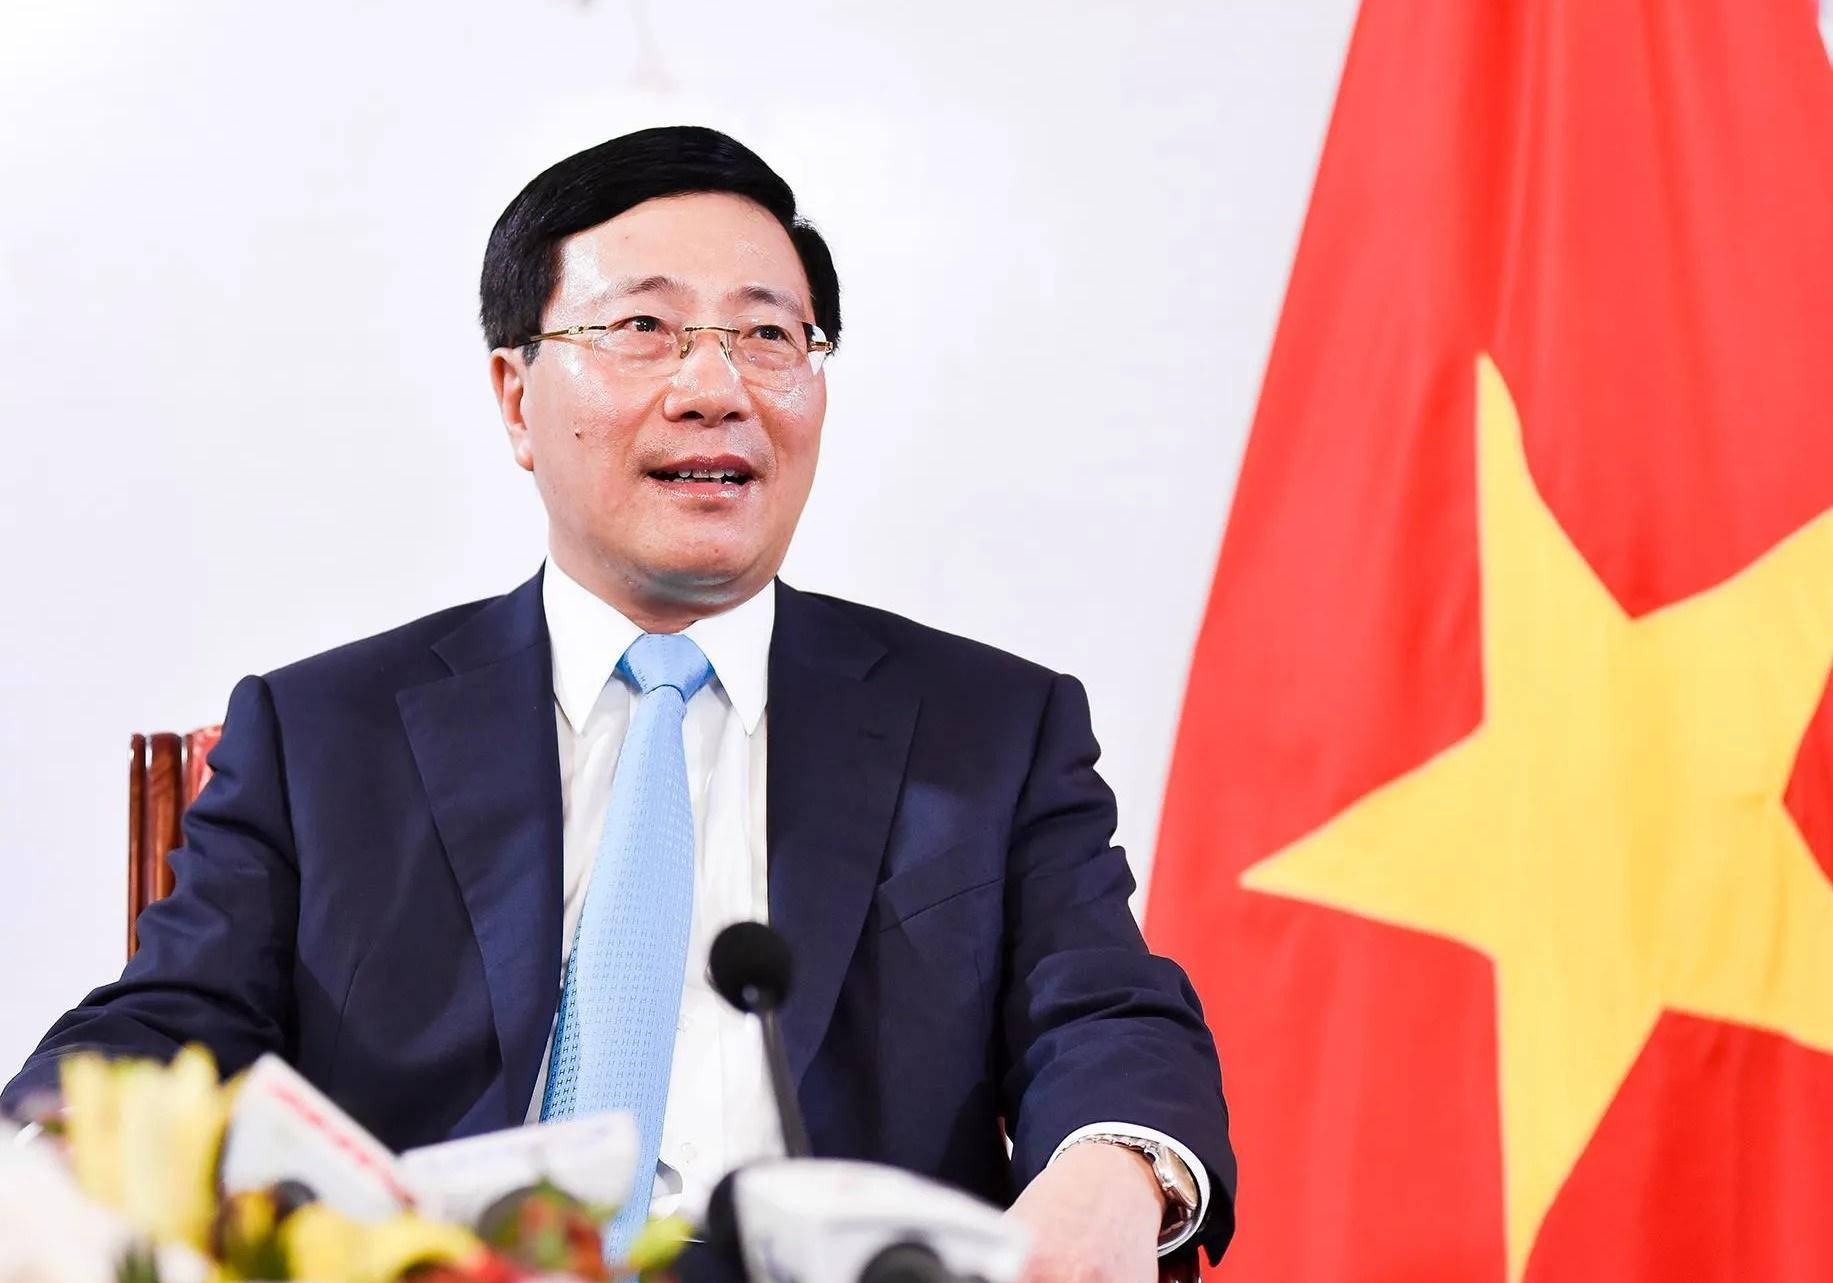 """Phó Thủ tướng: """"Bộ đội Việt Nam tạo niềm tin tại khu vực xung đột thế giới"""""""